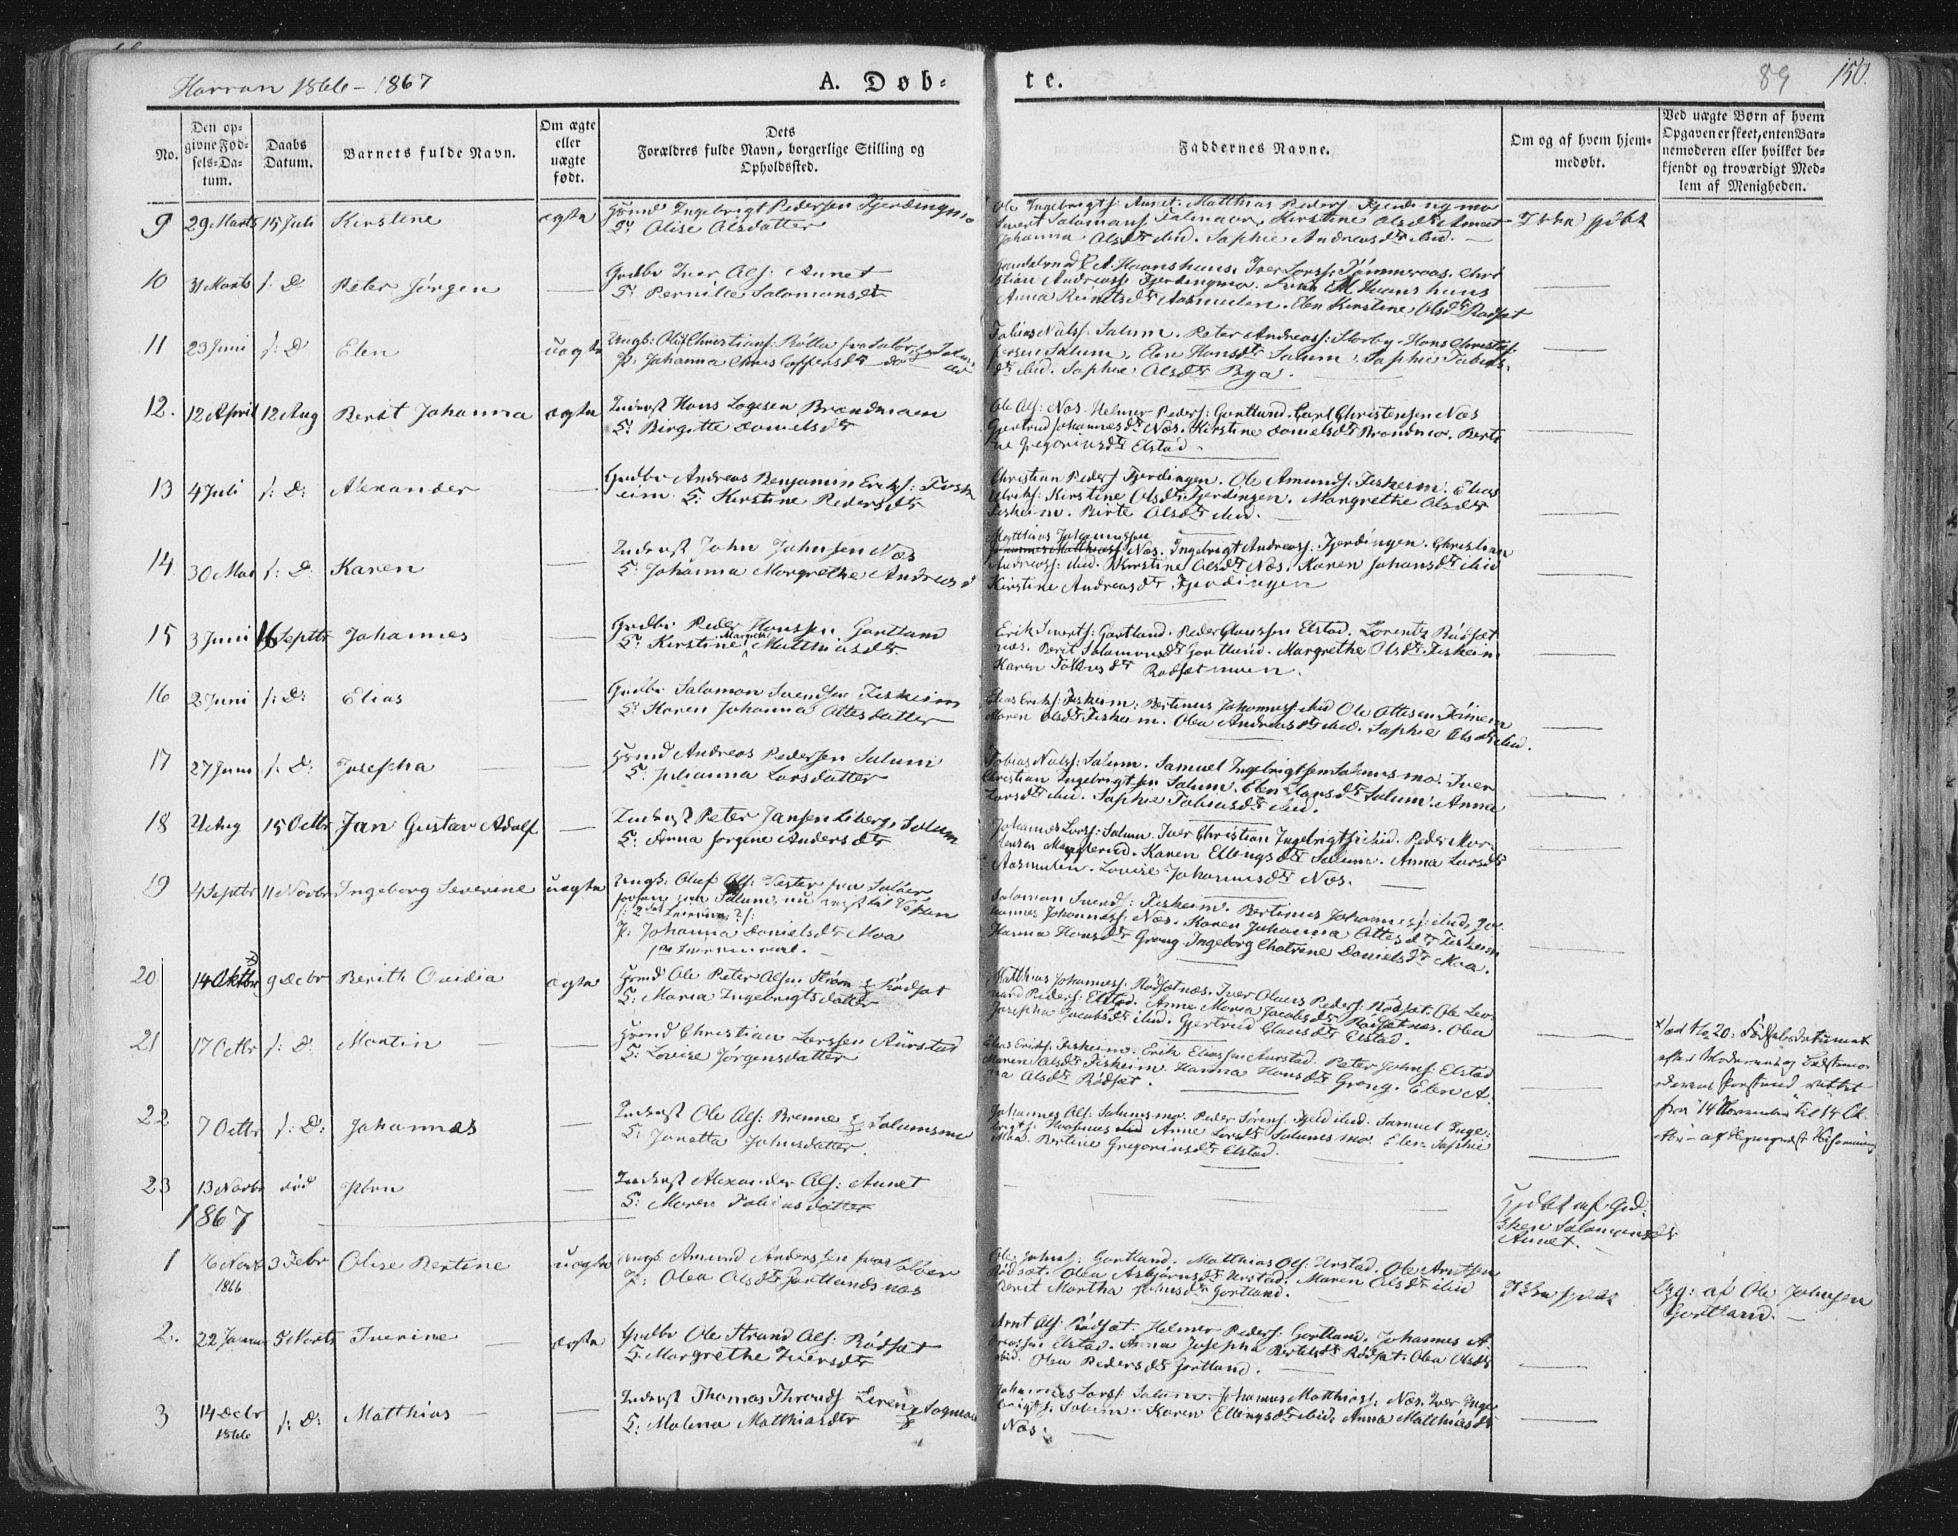 SAT, Ministerialprotokoller, klokkerbøker og fødselsregistre - Nord-Trøndelag, 758/L0513: Ministerialbok nr. 758A02 /3, 1839-1868, s. 89